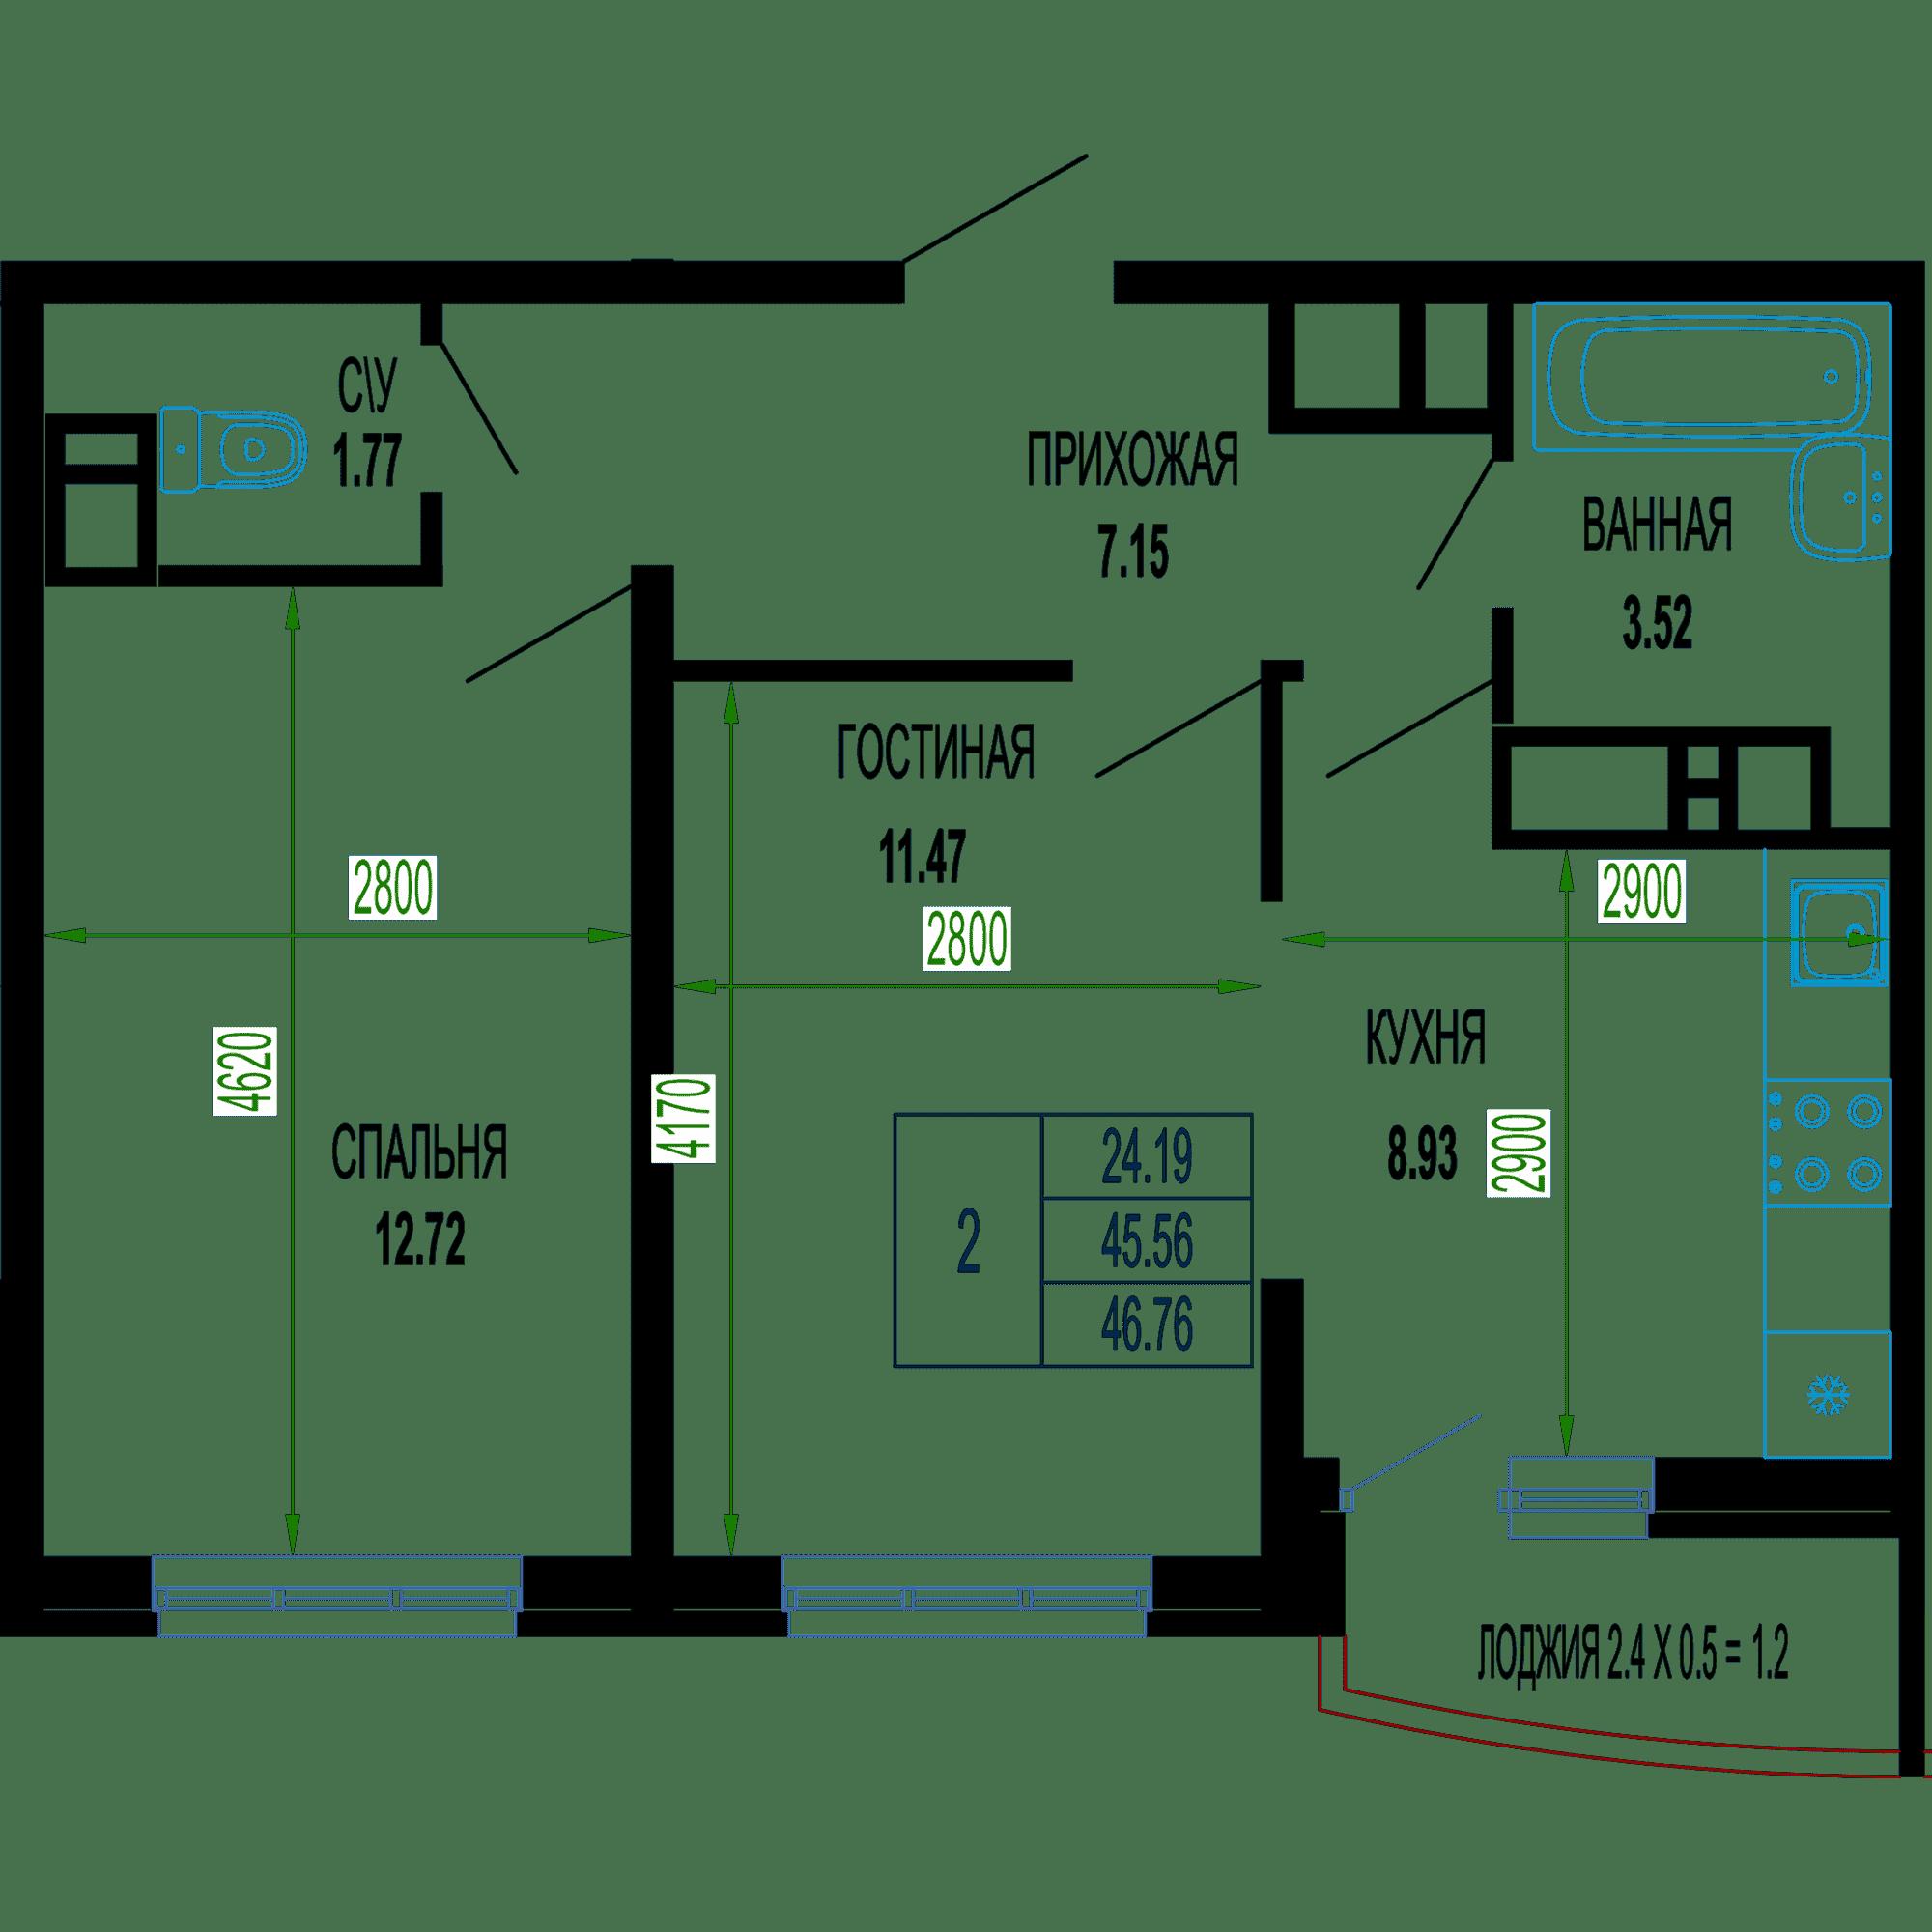 Двухкомнатная квартира в ЖК Лучший 46.76 м2